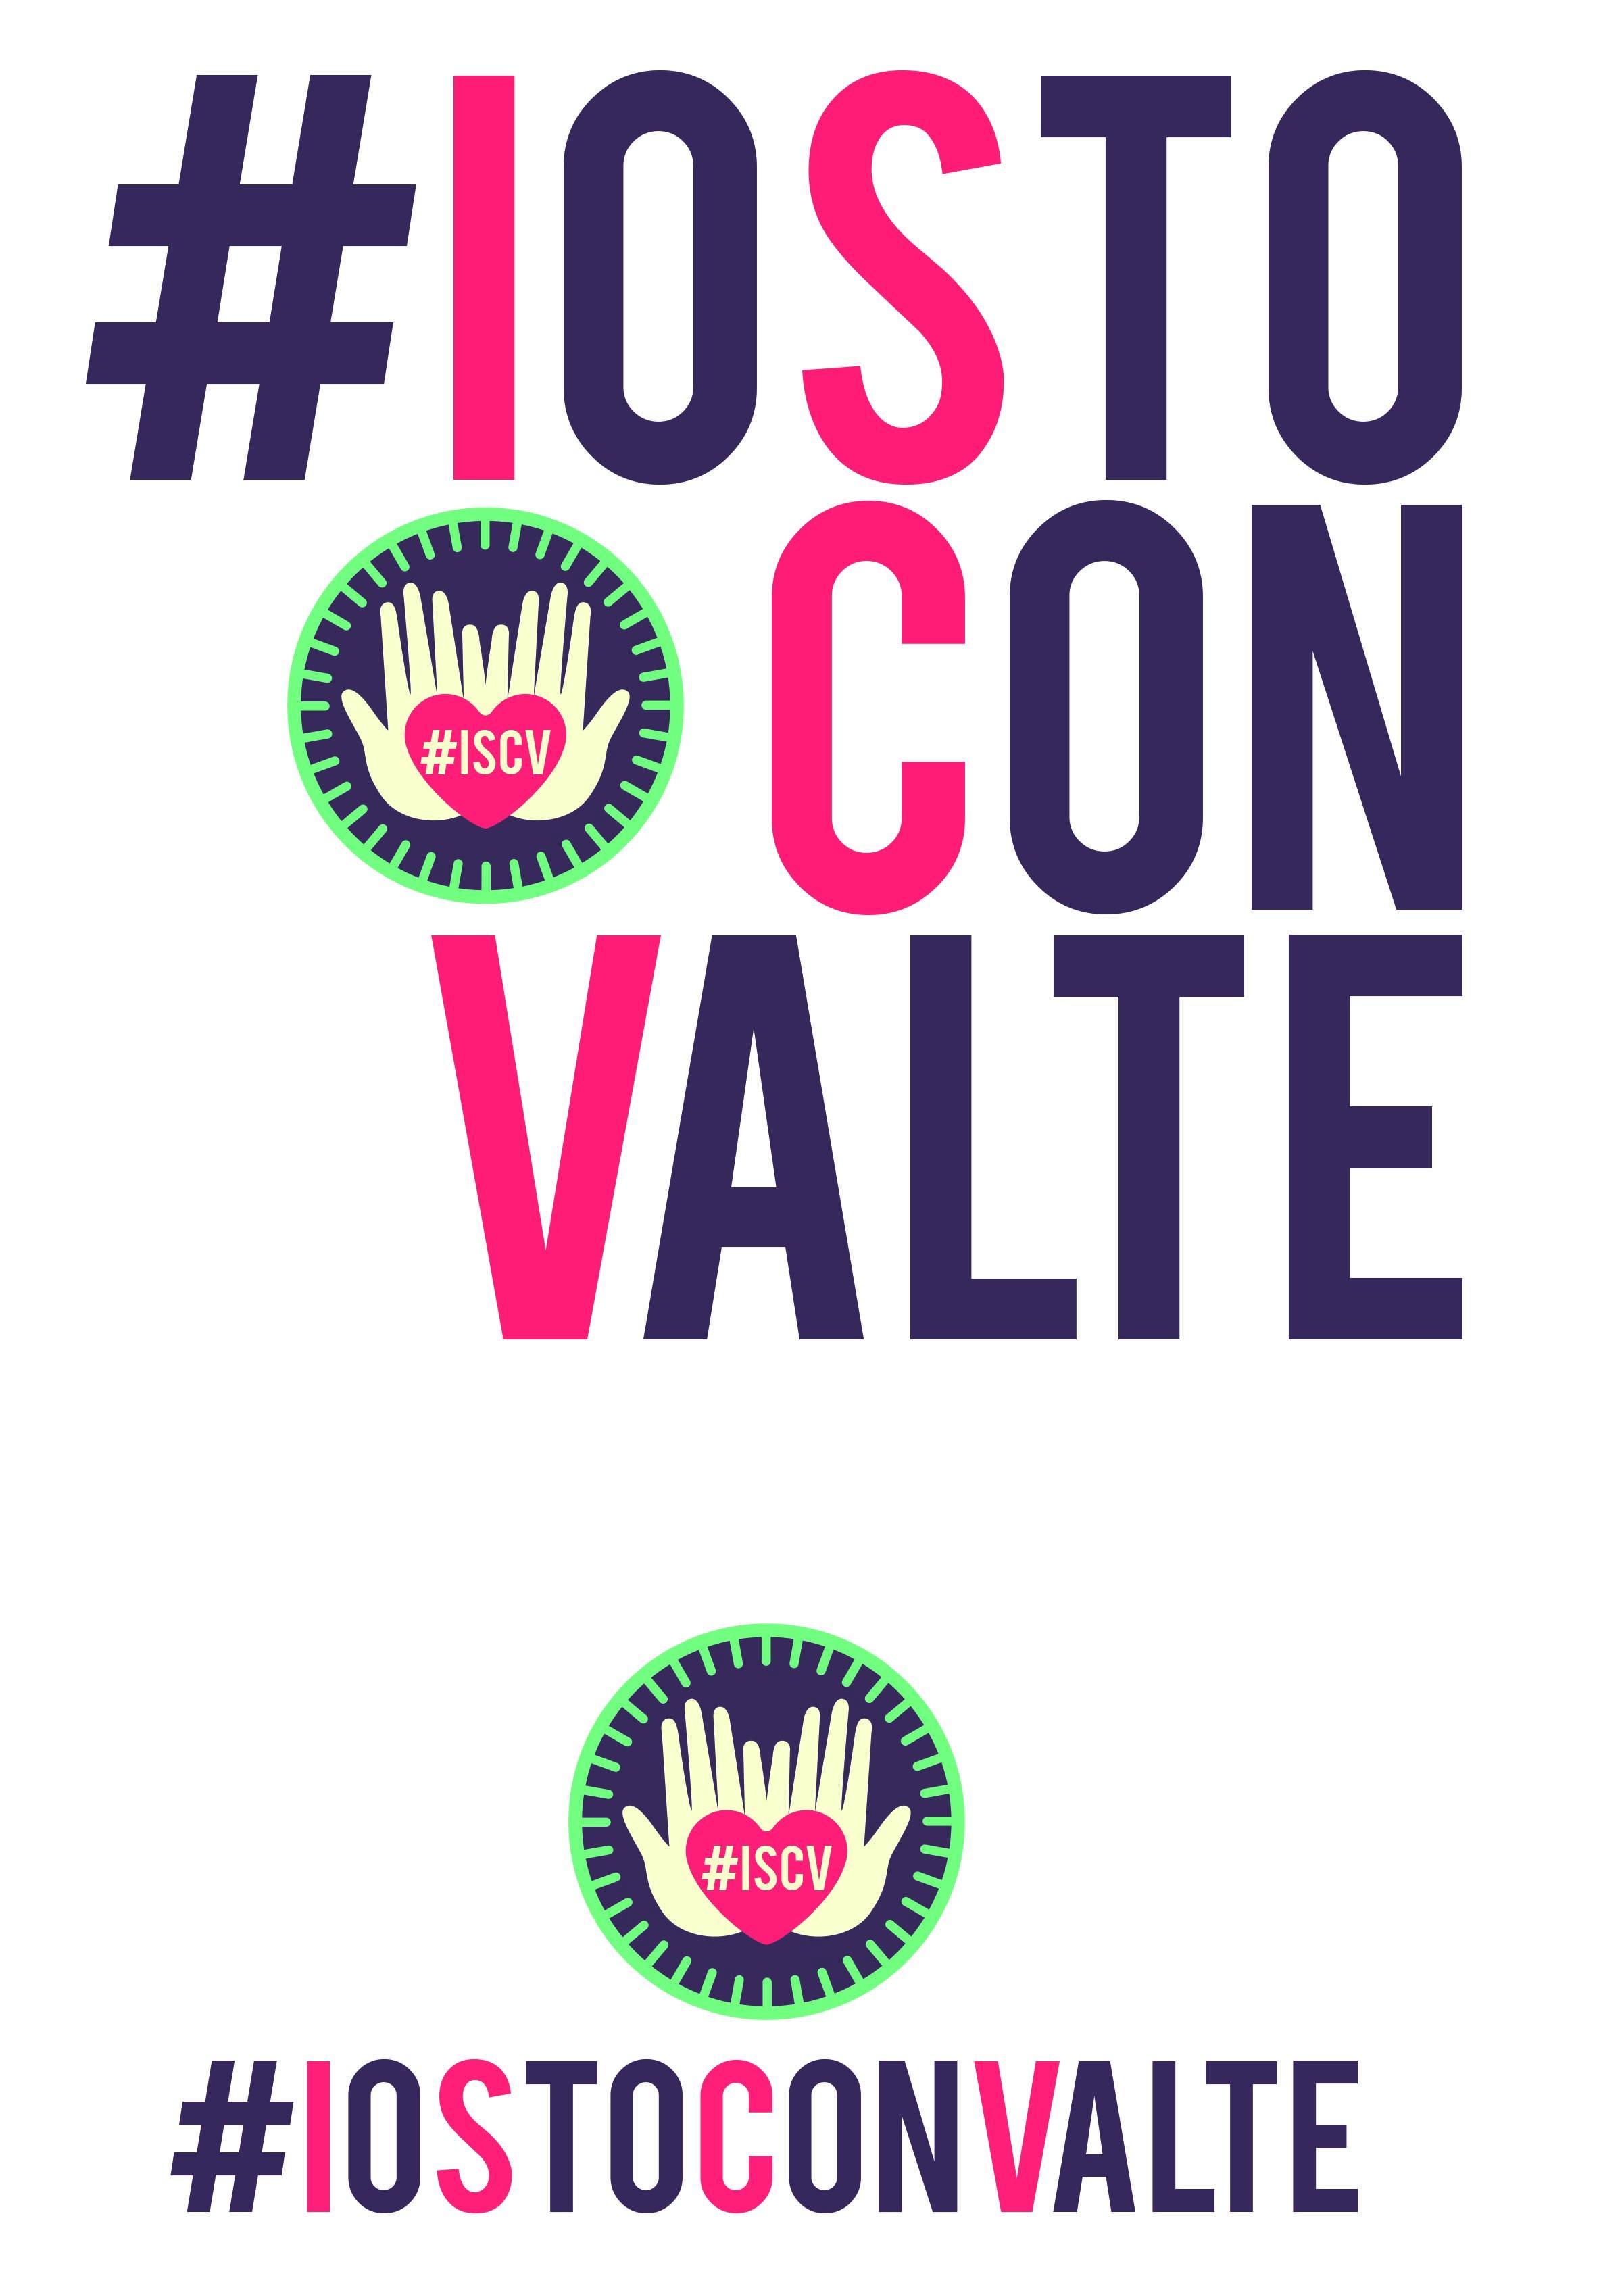 #iostoconvalte